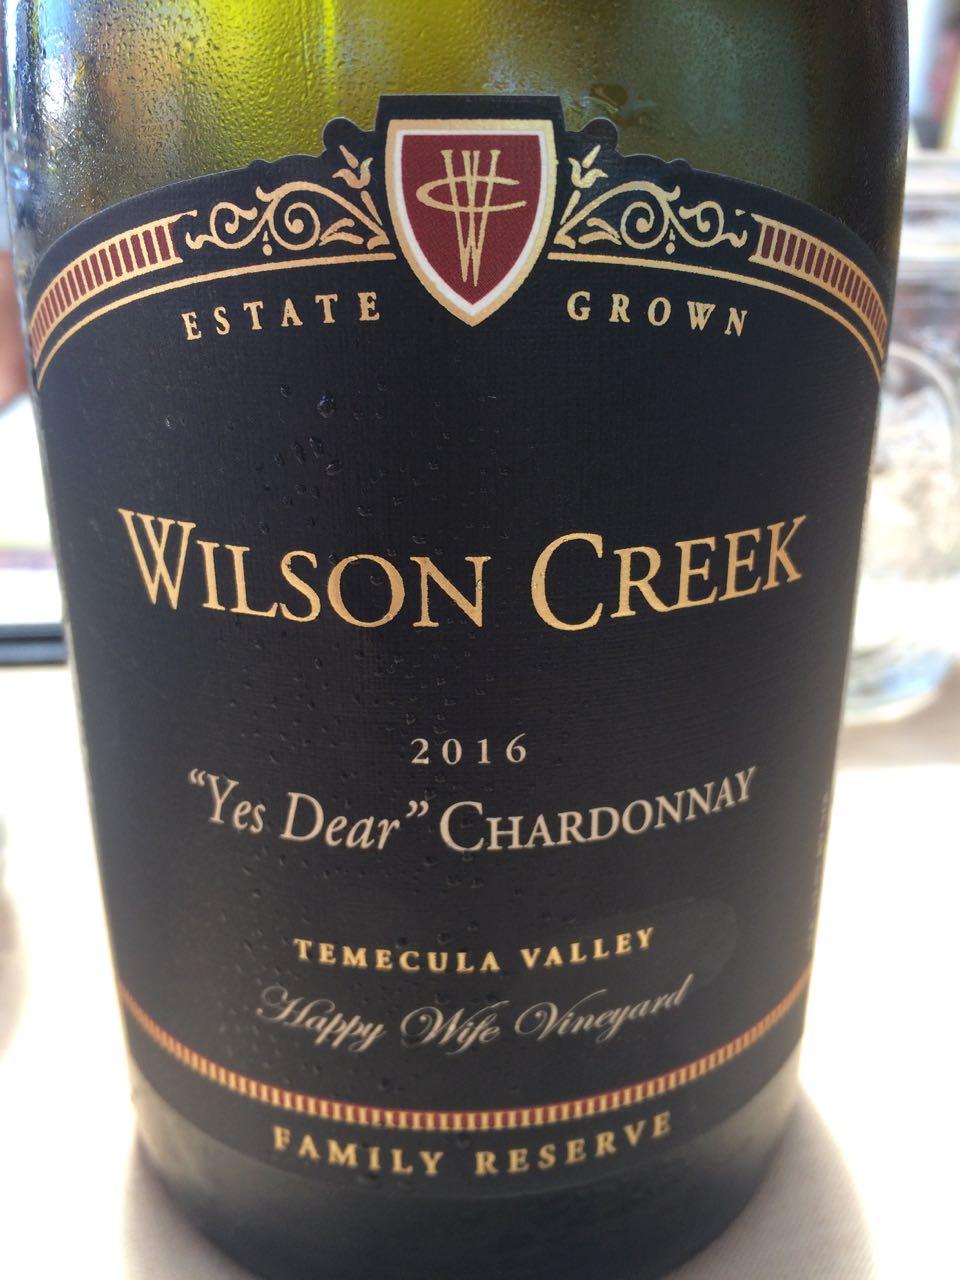 Yes Dear Chardonnay